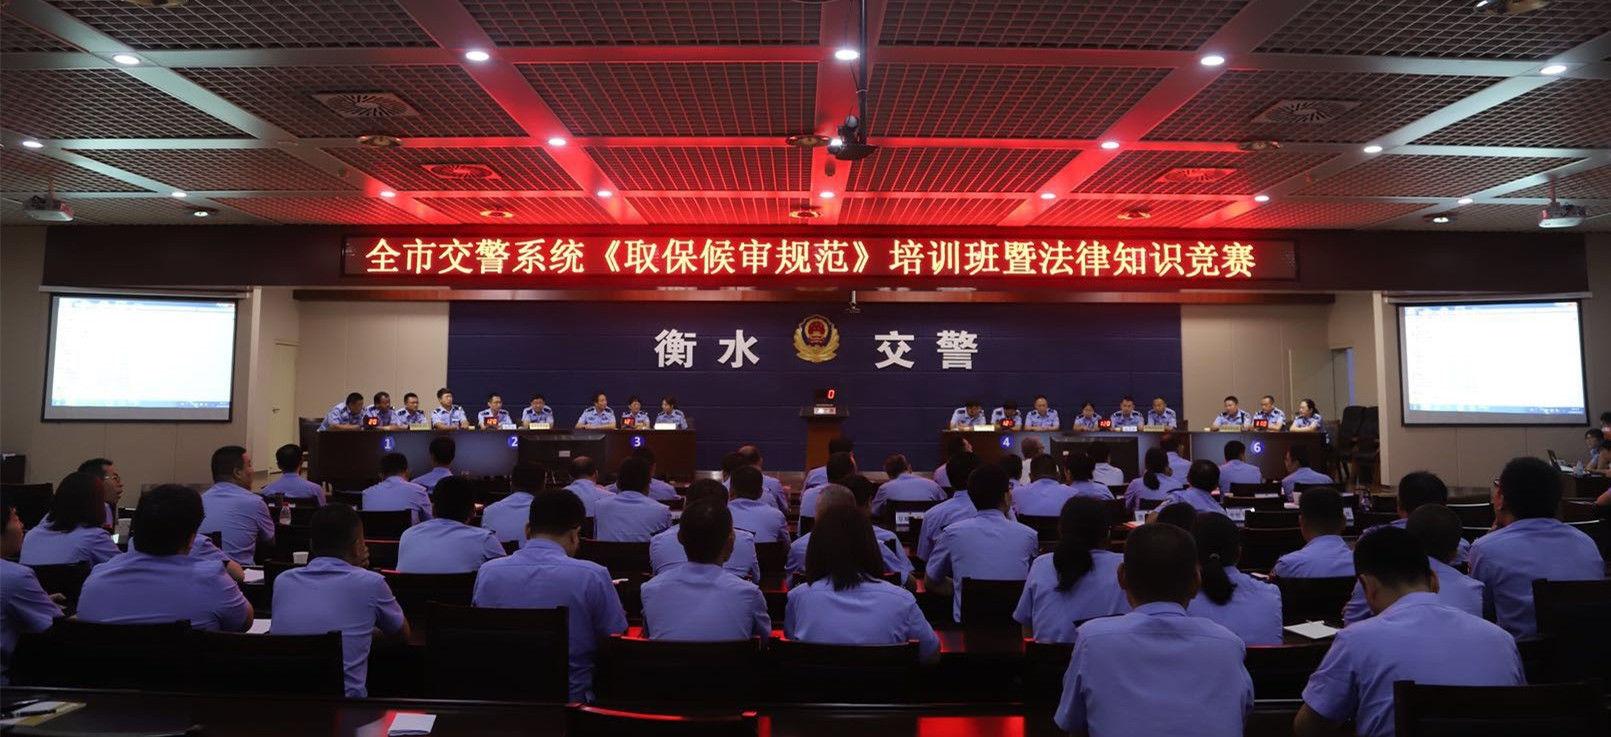 河北衡水举办交警系统法律业务知识竞赛